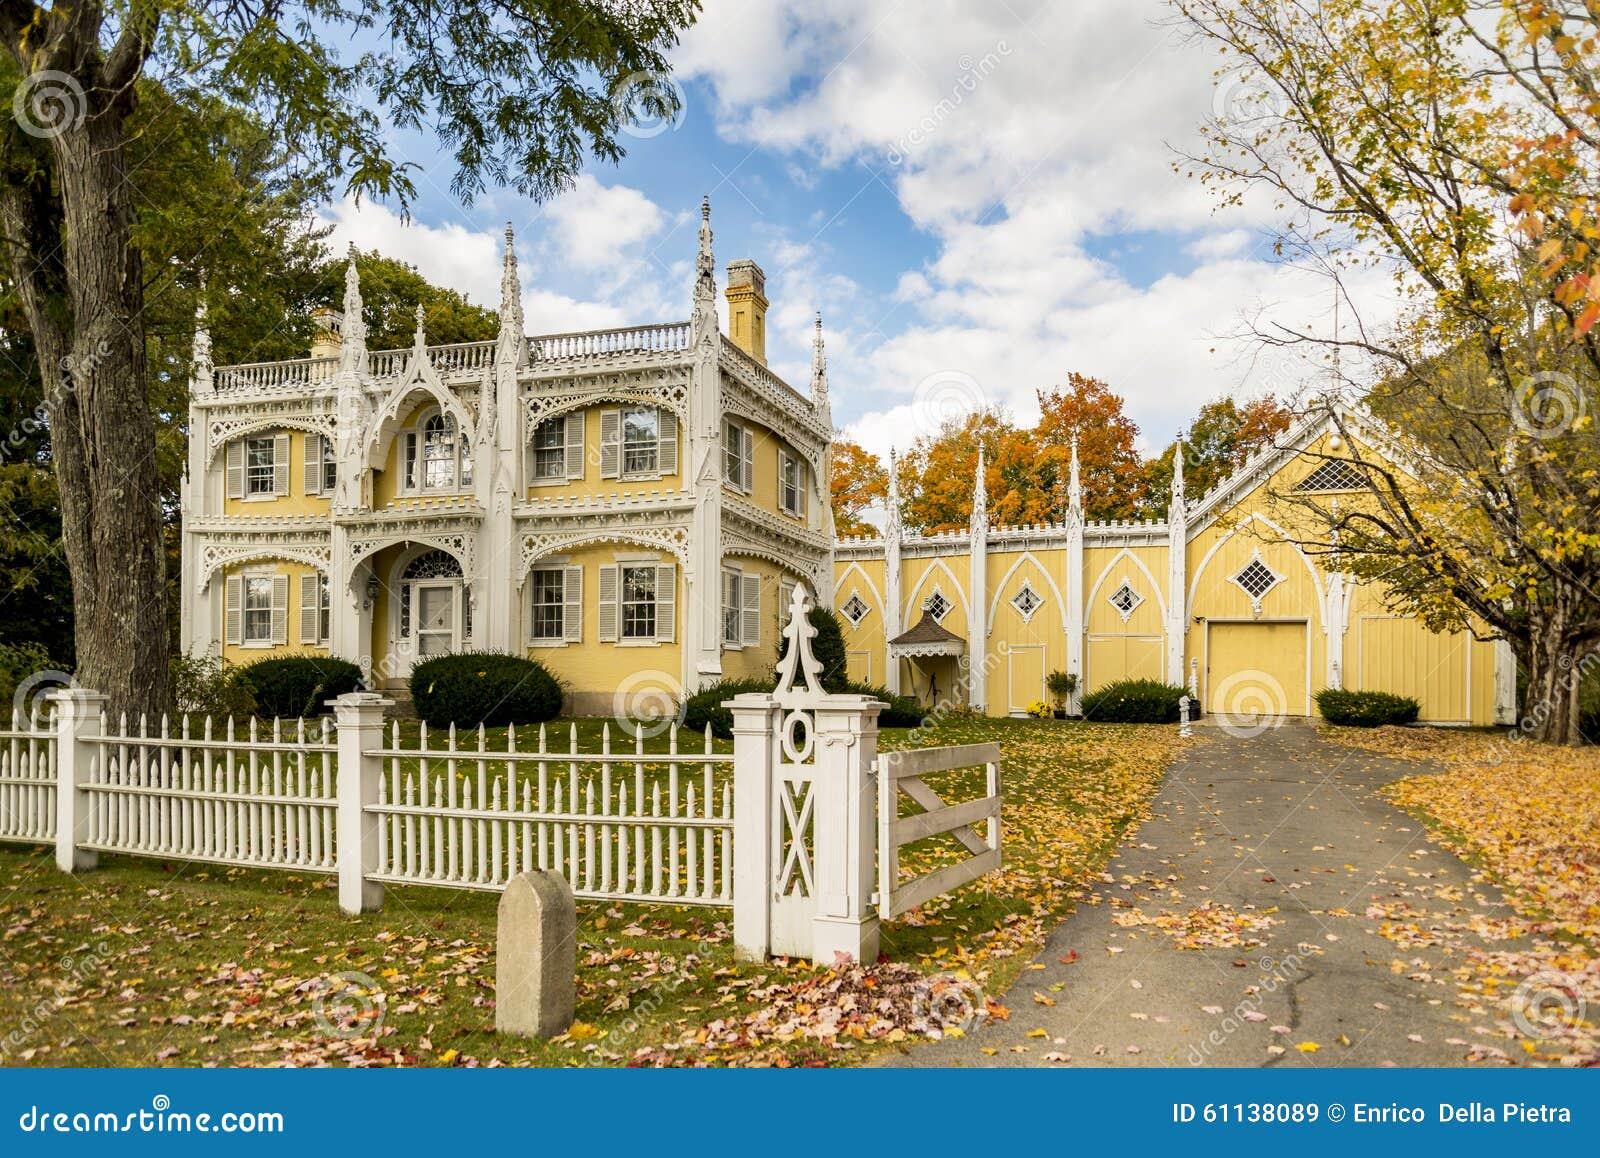 Wedding Cake House Stock Image Image Of Tree Villa 61138089